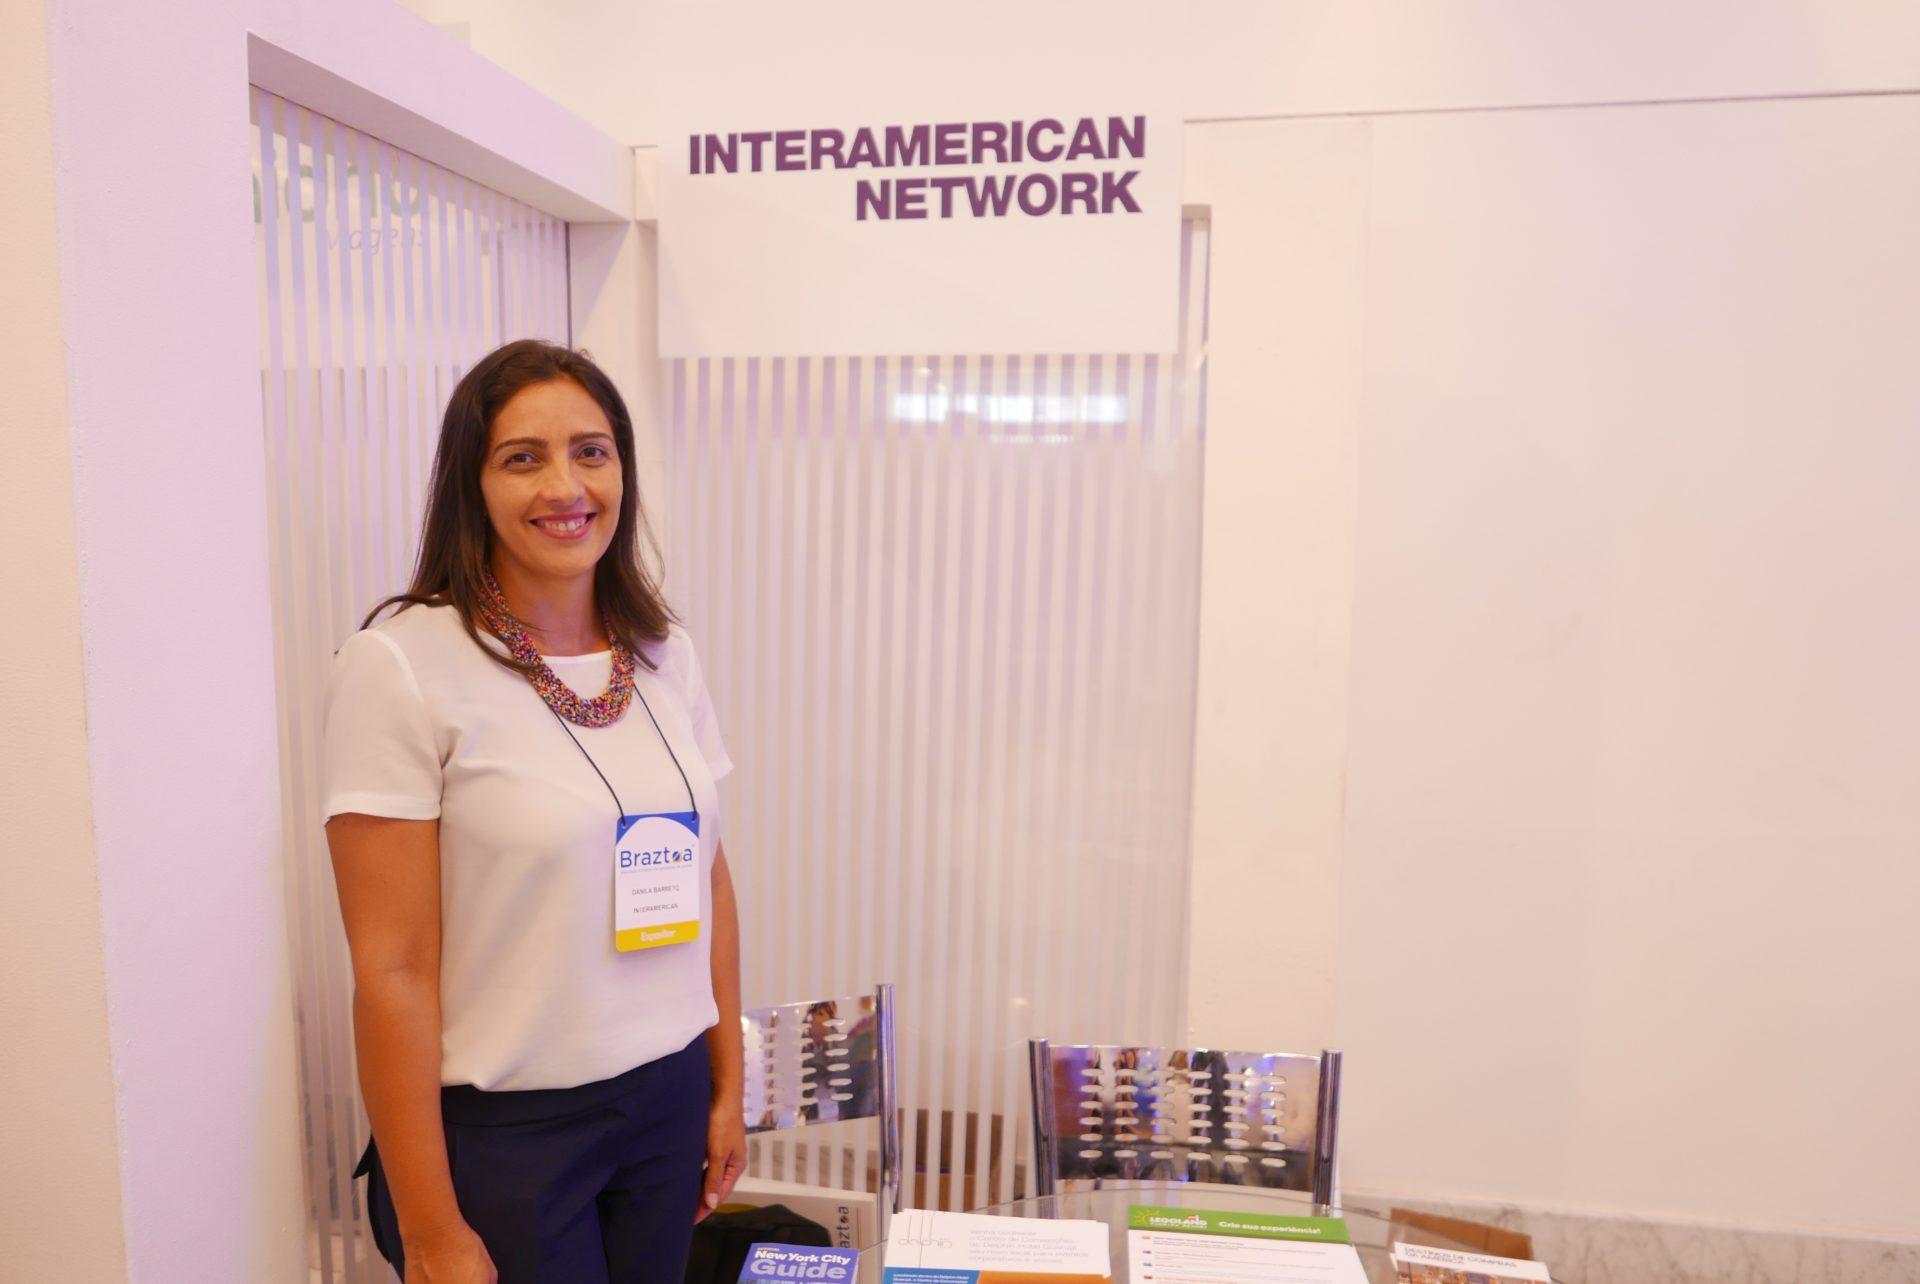 Danila Barreto, da Interamerican Network